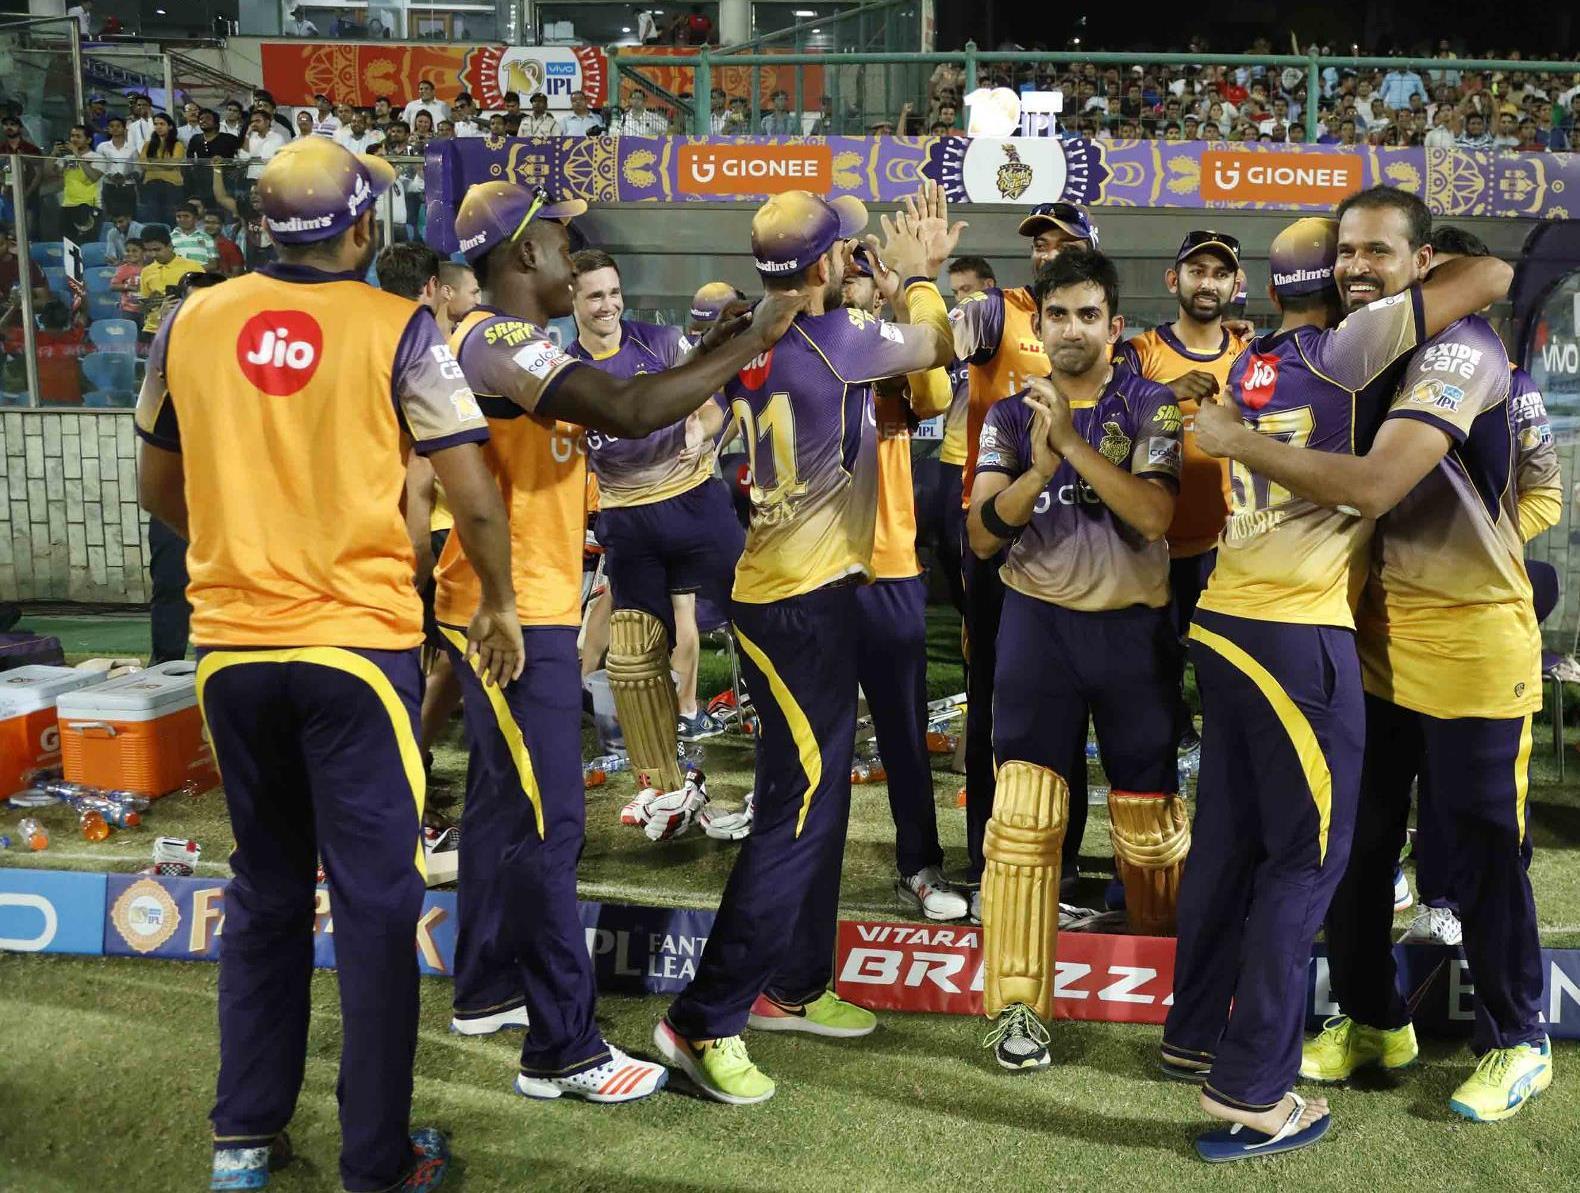 रोमांचक मुकाबले में जीत के बाद केकेआर के कप्तान गौतम गंभीर ने दिल्ली की टीम के इस फैसले की जमकर आलोचना की 1